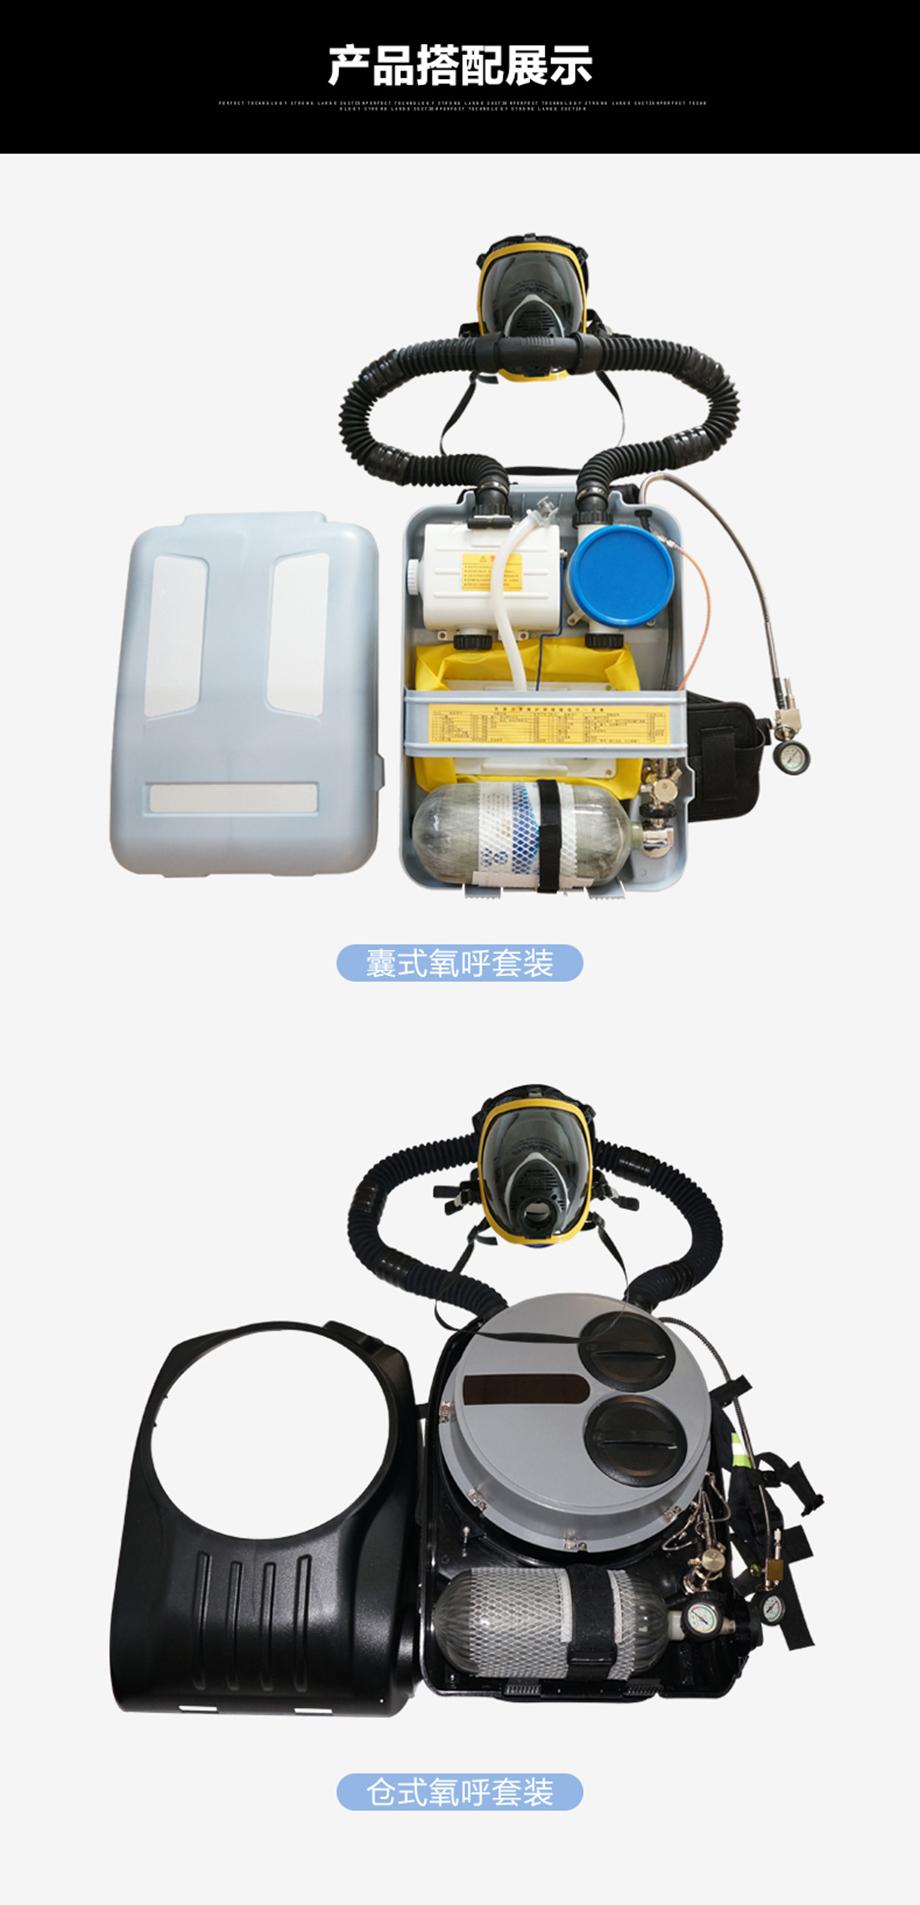 海固正压式氧气呼吸器全面罩800C参数